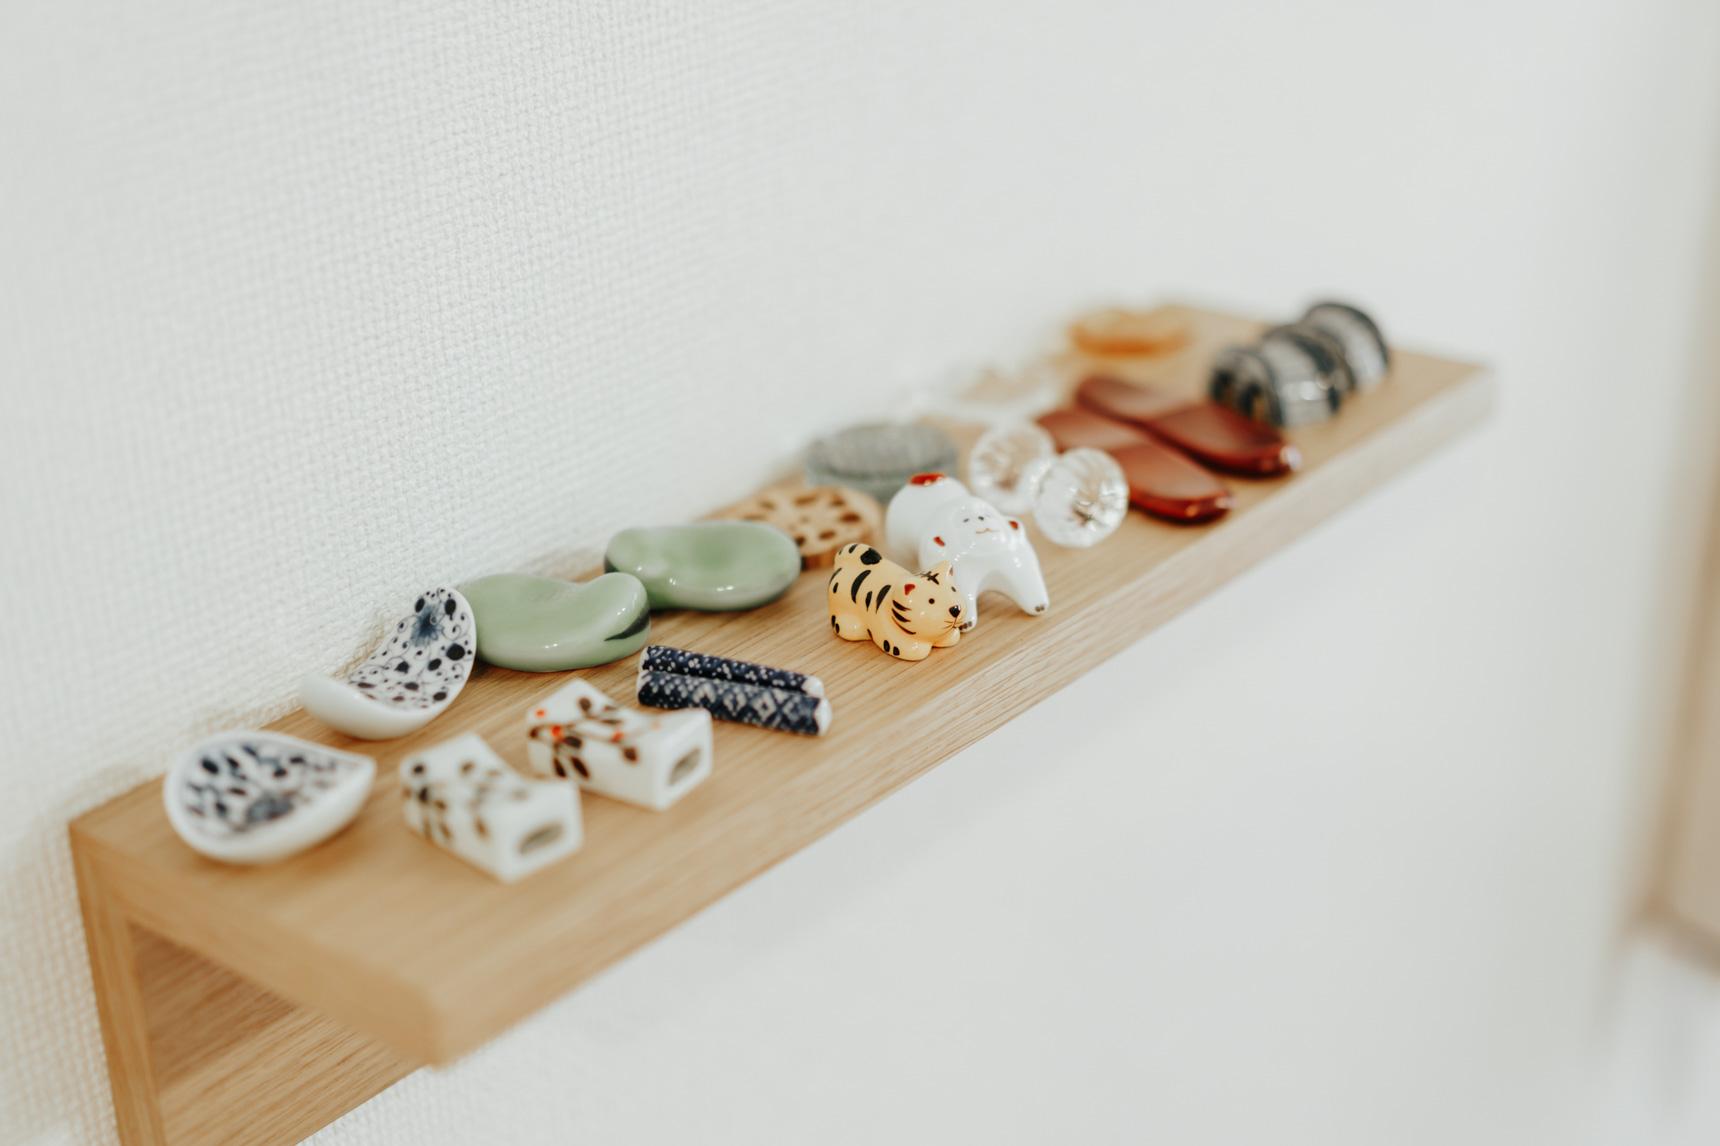 少しずつ集まってきた箸置きも、同じく無印良品の壁につけられる棚の上に並びます。トラとサルはお互いの干支のもの。